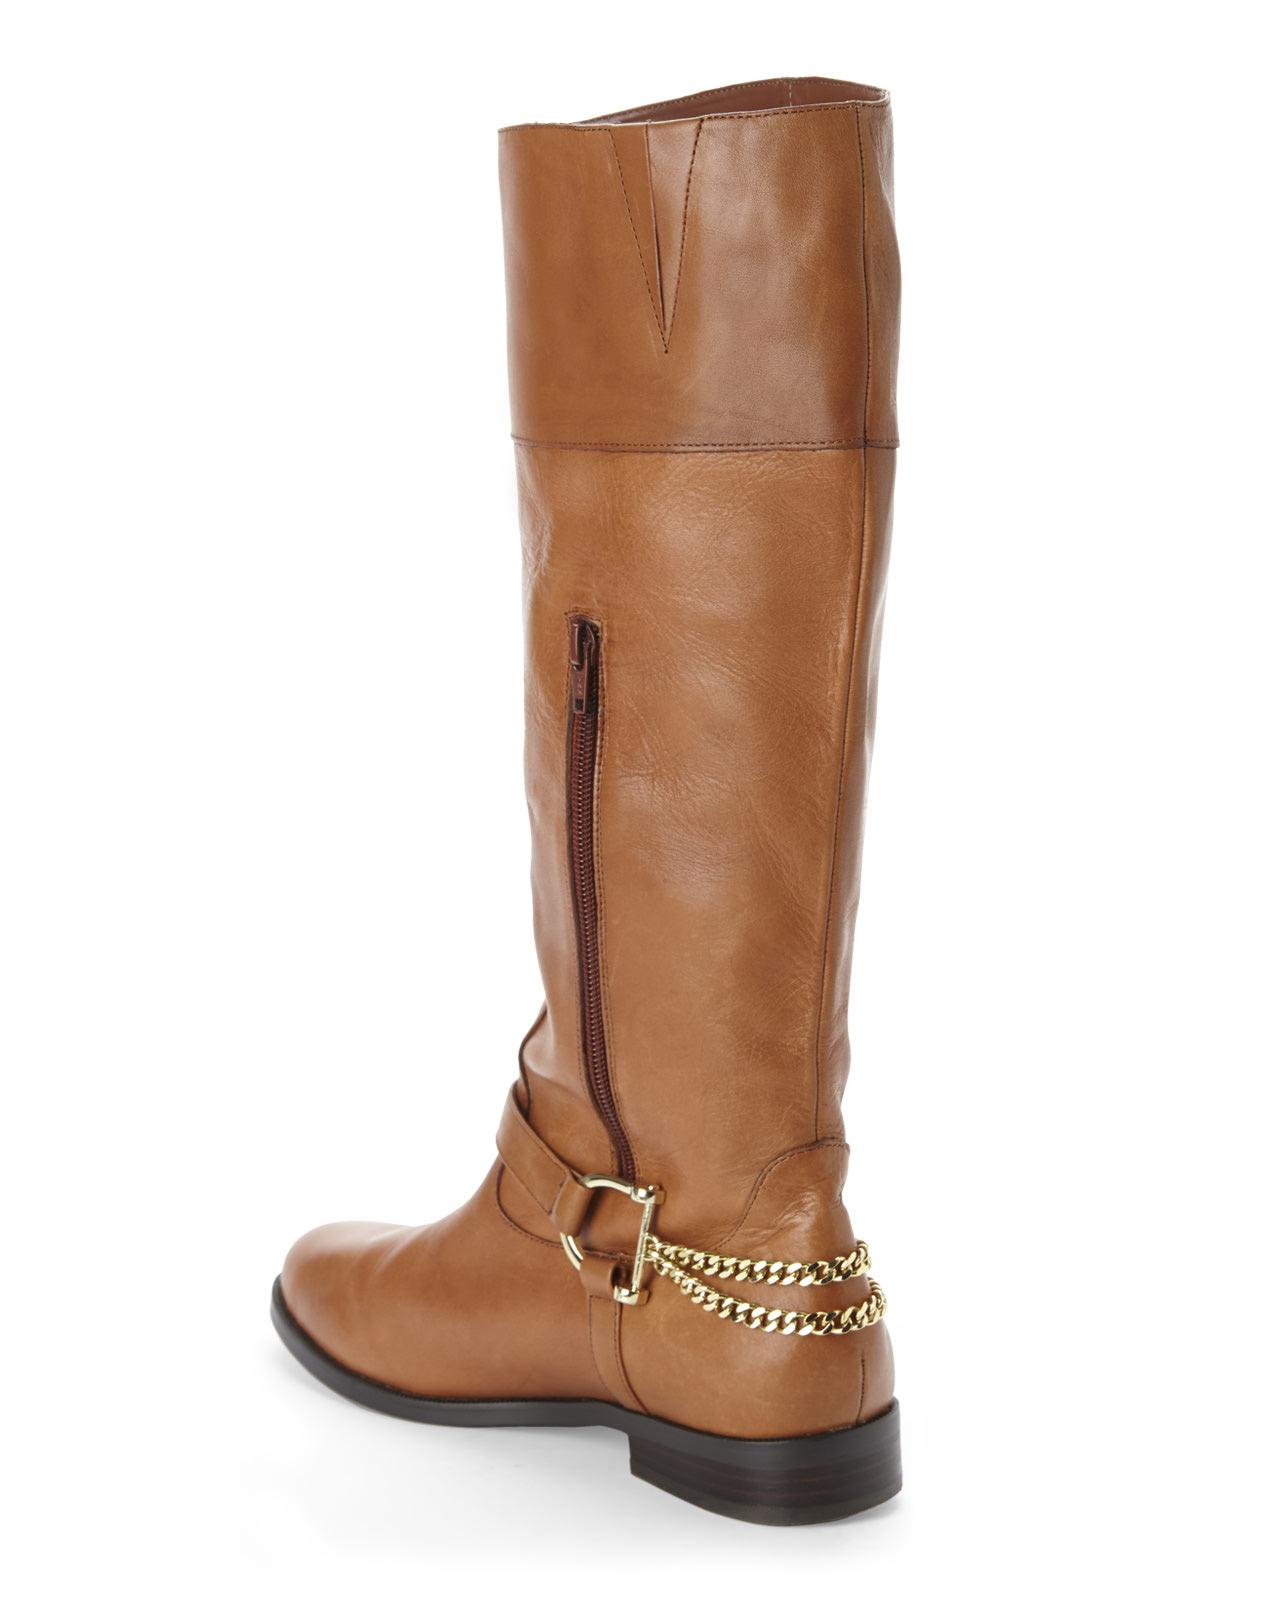 Lauren by ralph lauren Cognac Jacqui Riding Boots in Brown | Lyst